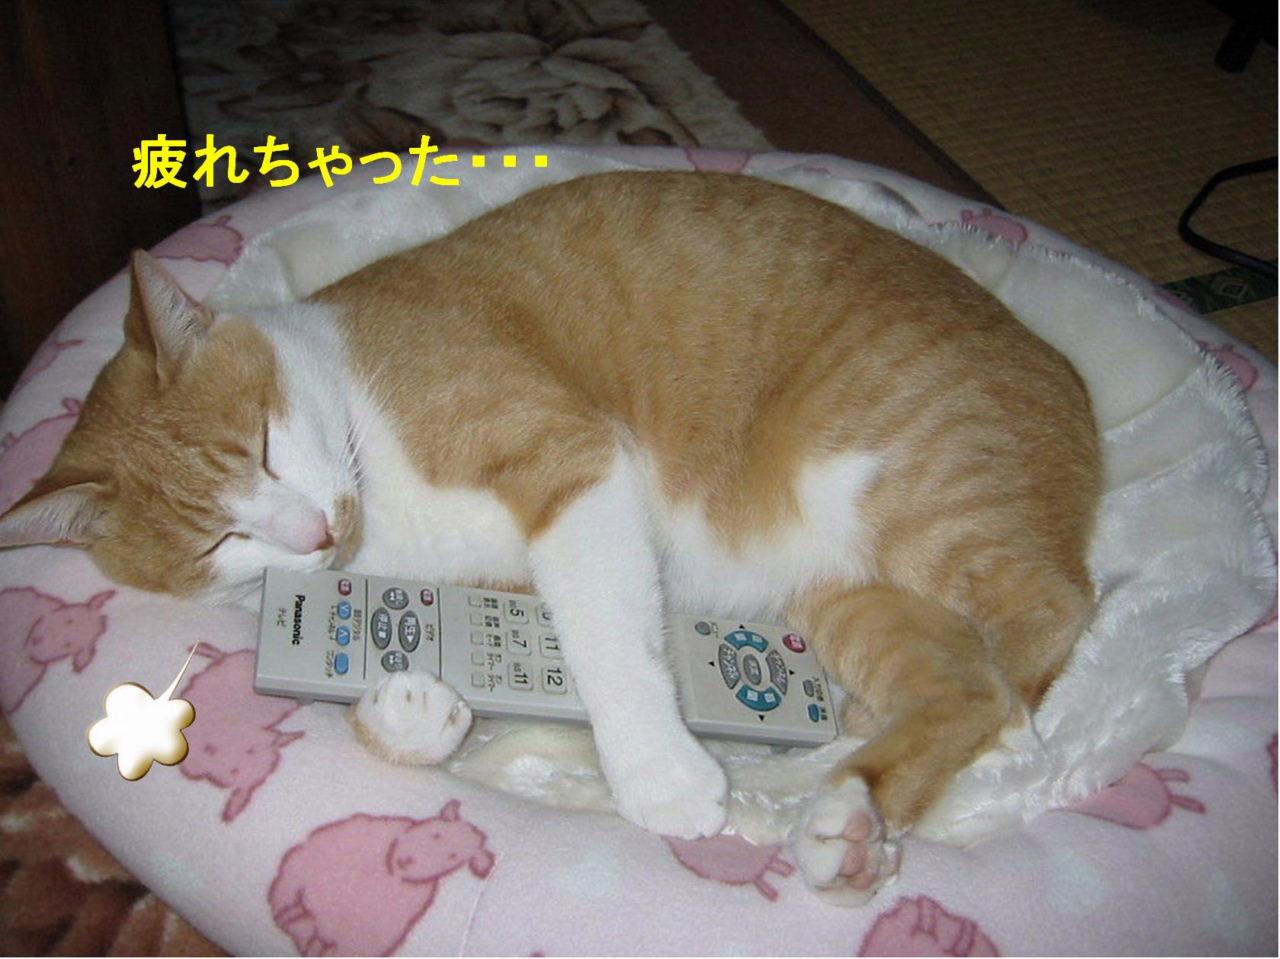 疲れた〜.jpg